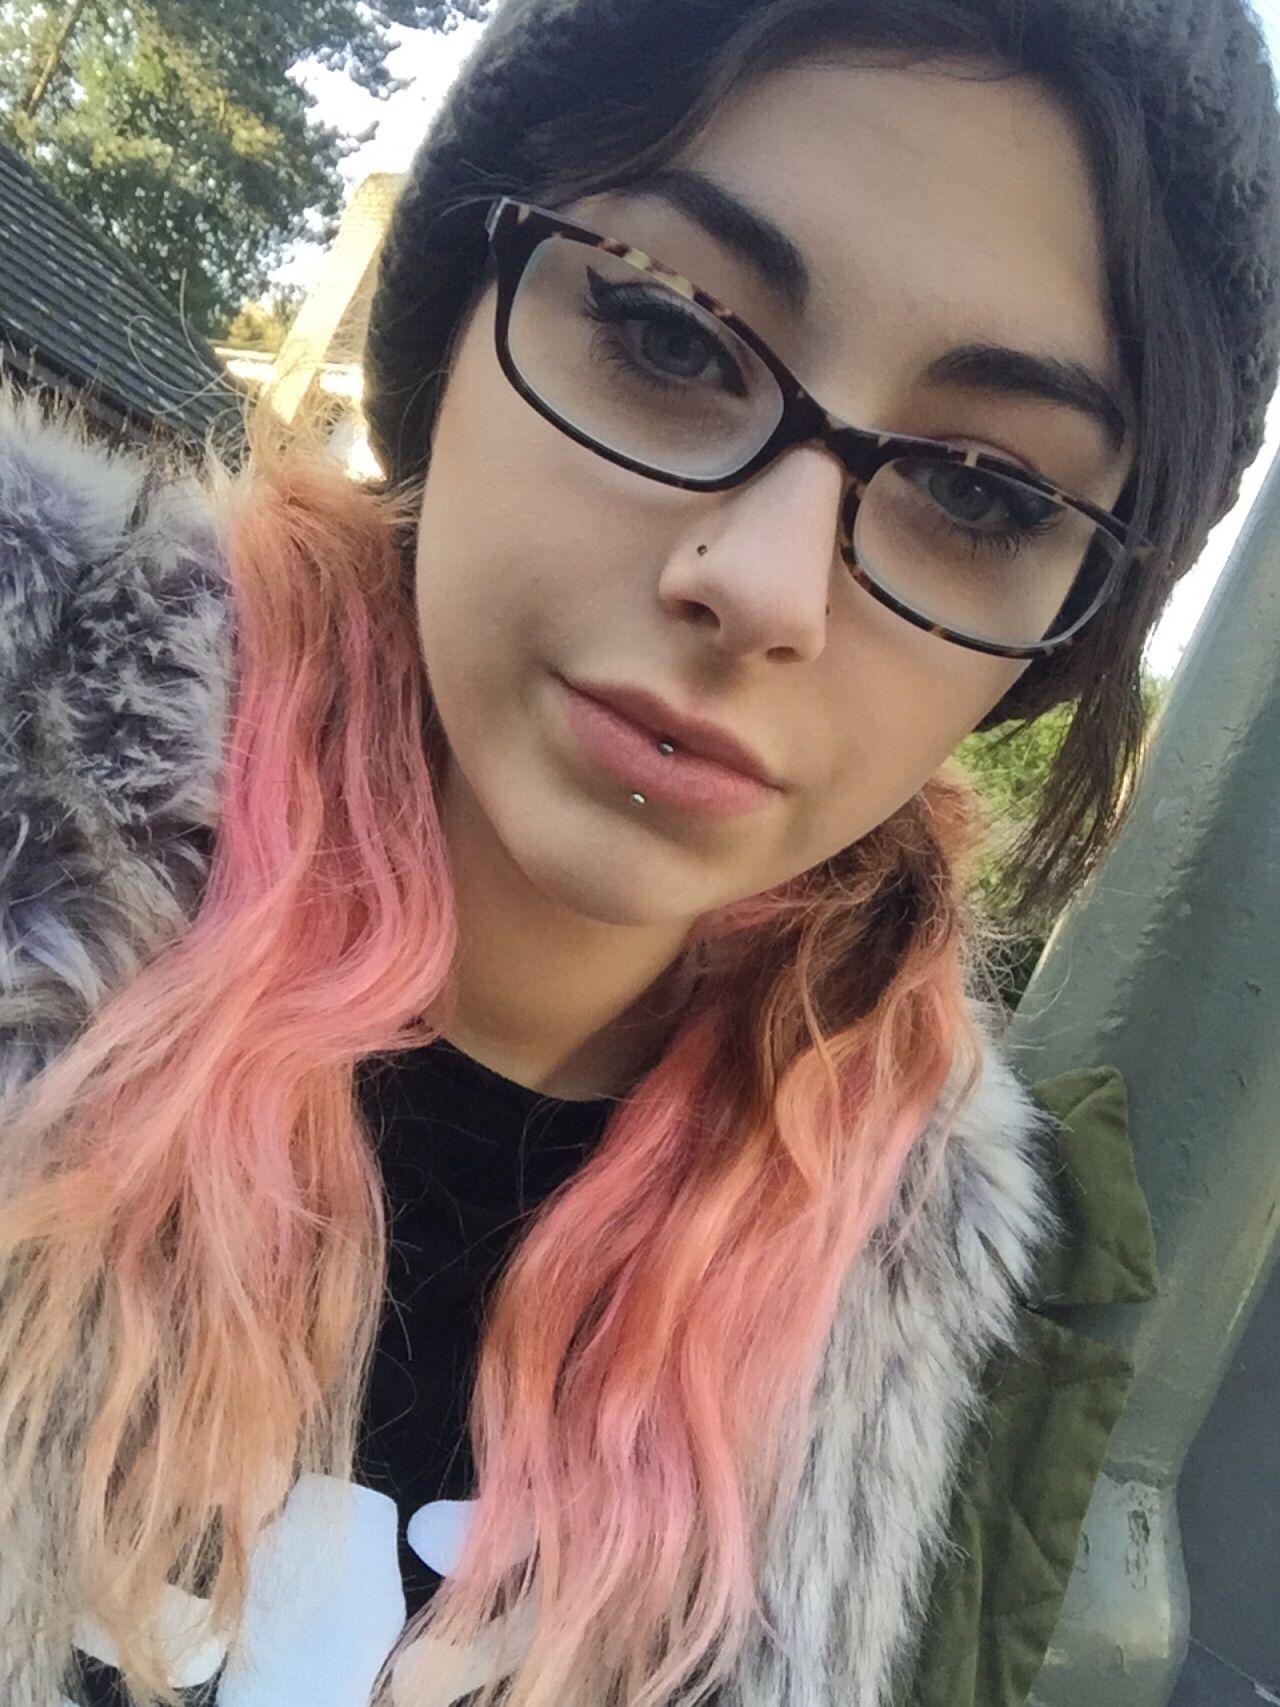 Transgender free porn videos